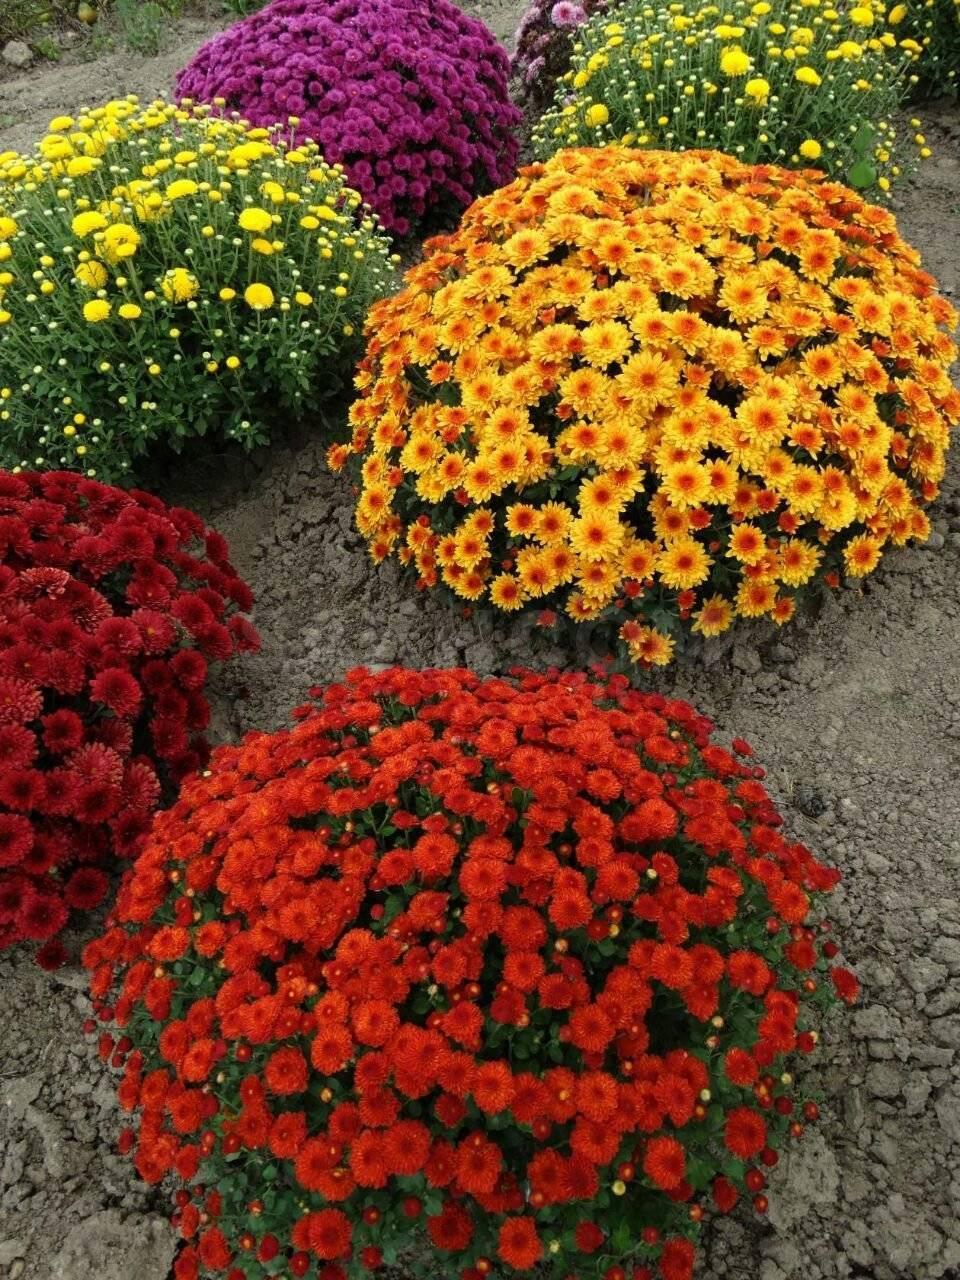 Хризантема мультифлора (шаровидные): характеристика, сорта, посадка и уход, размножение, выращивание семенами, зимовка в открытом грунте